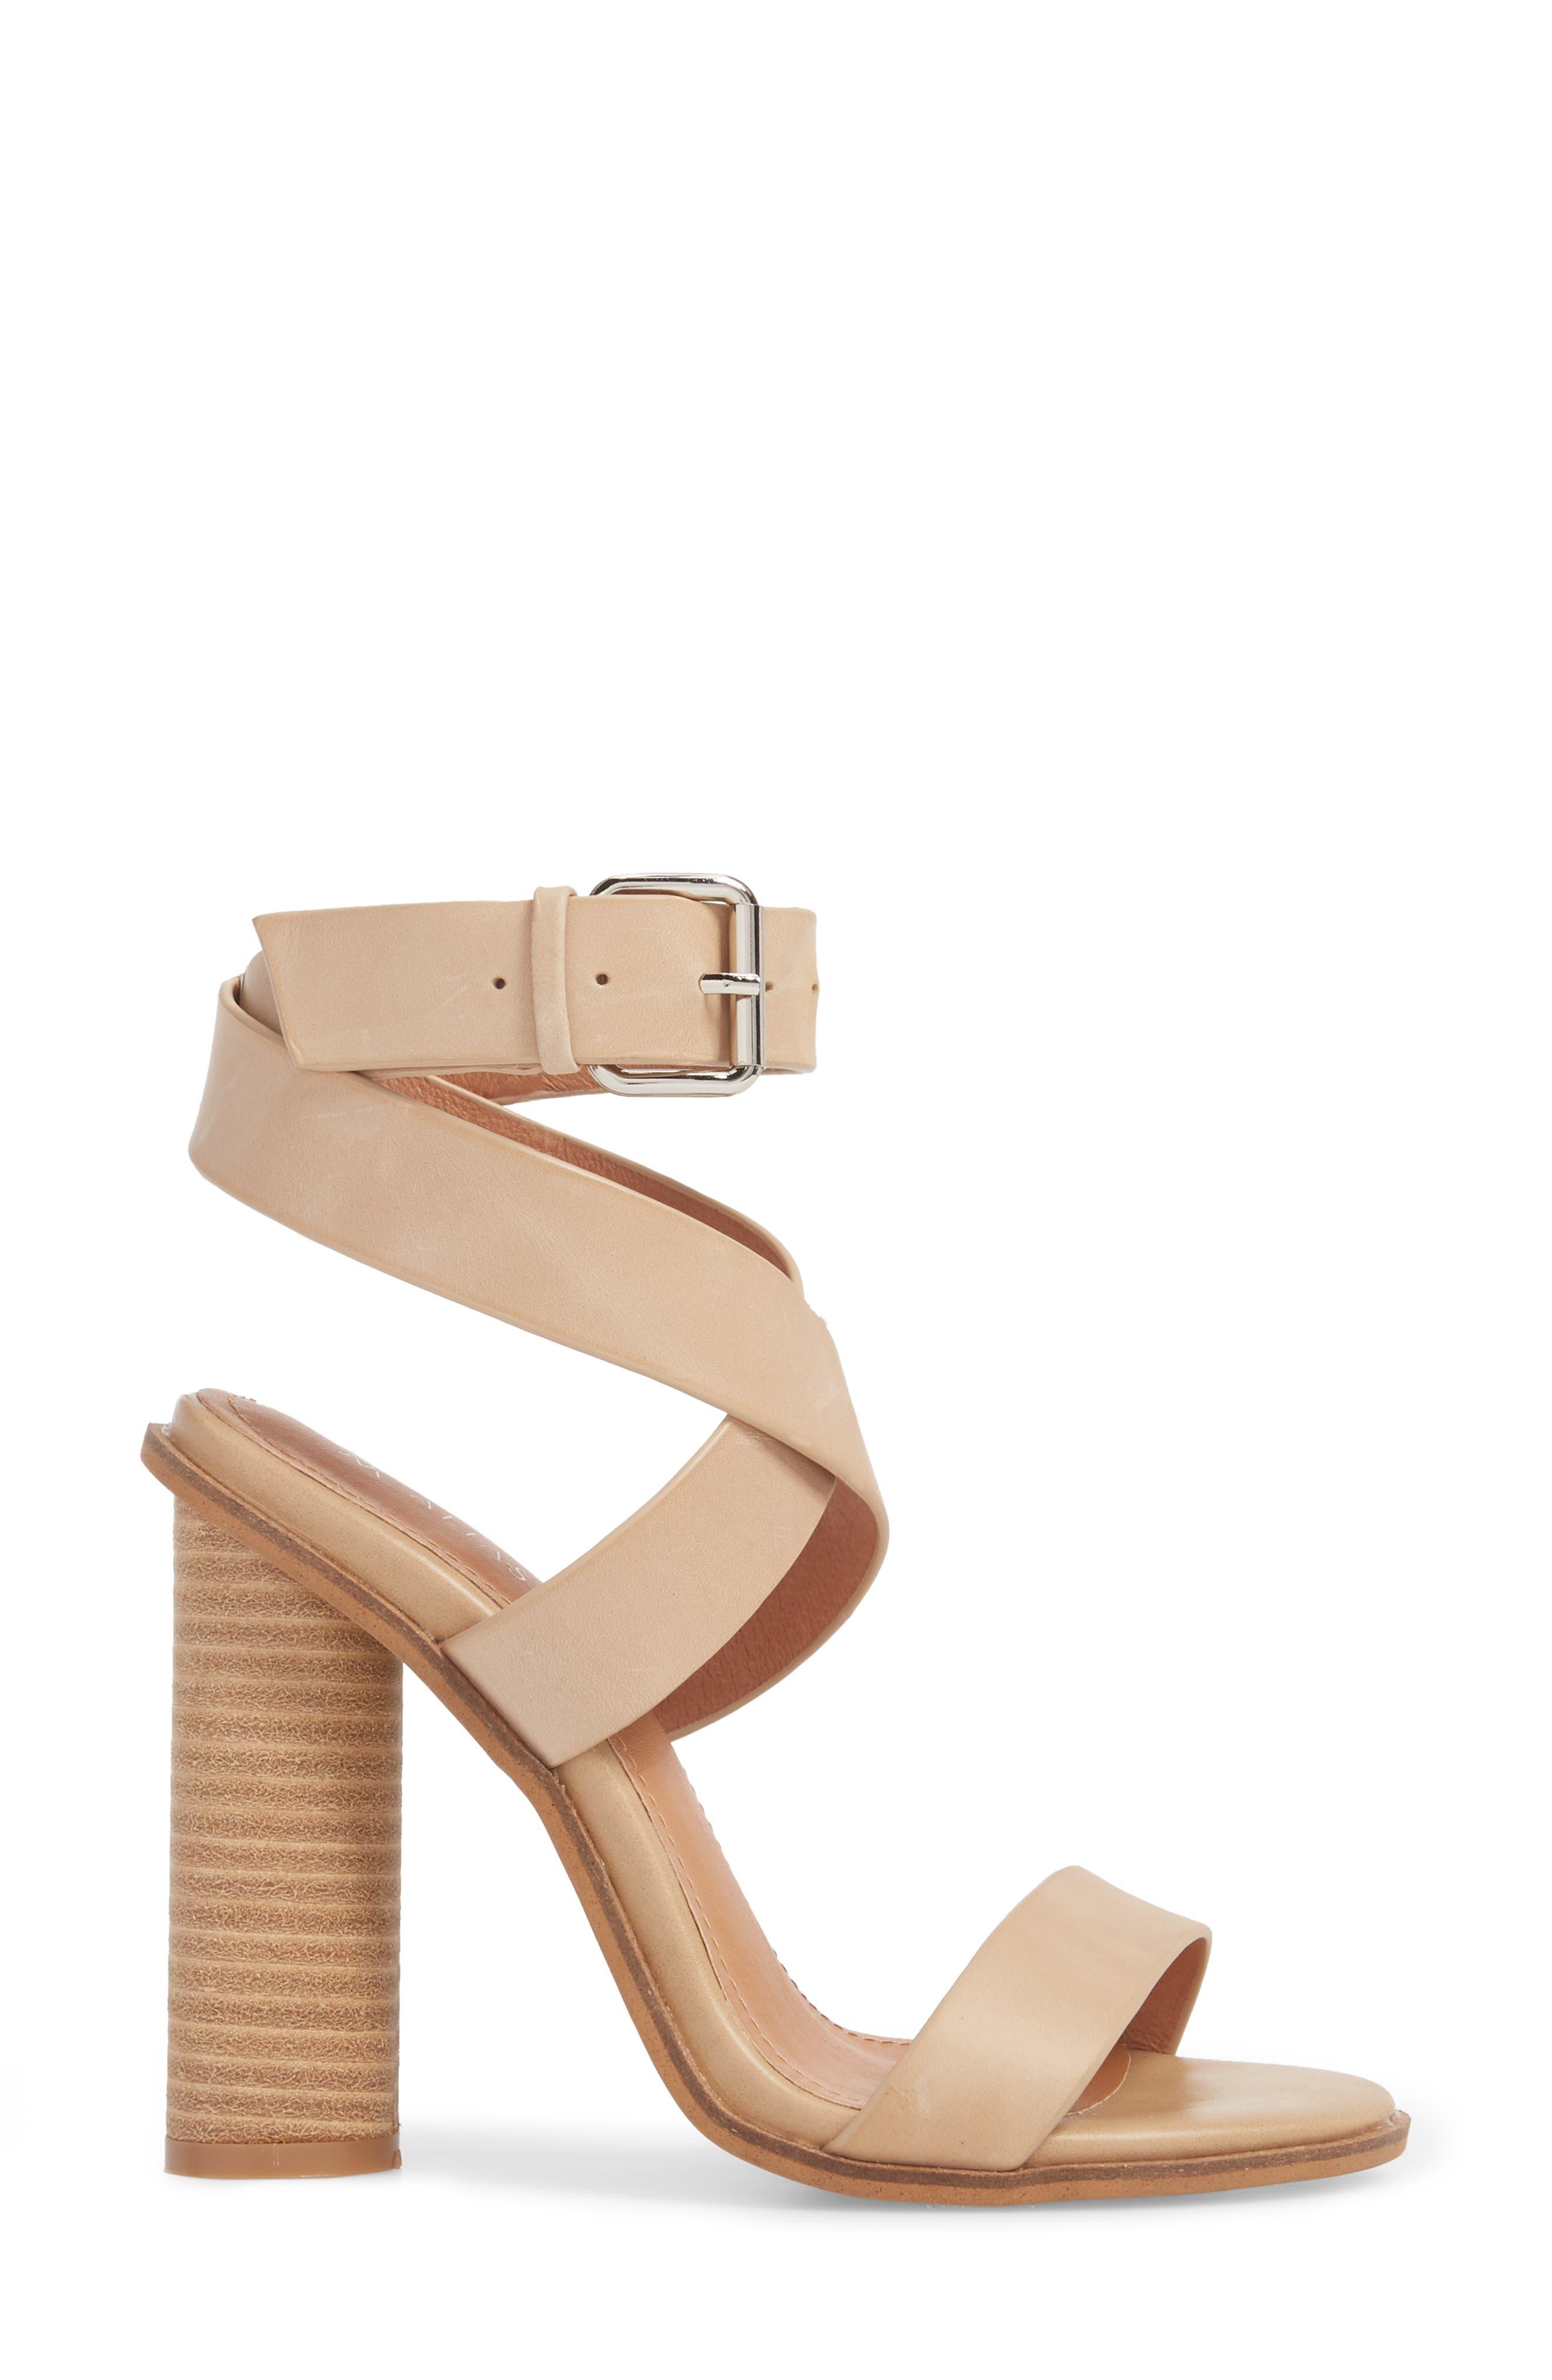 Abaala Cross Strap Sandal,                             Alternate thumbnail 3, color,